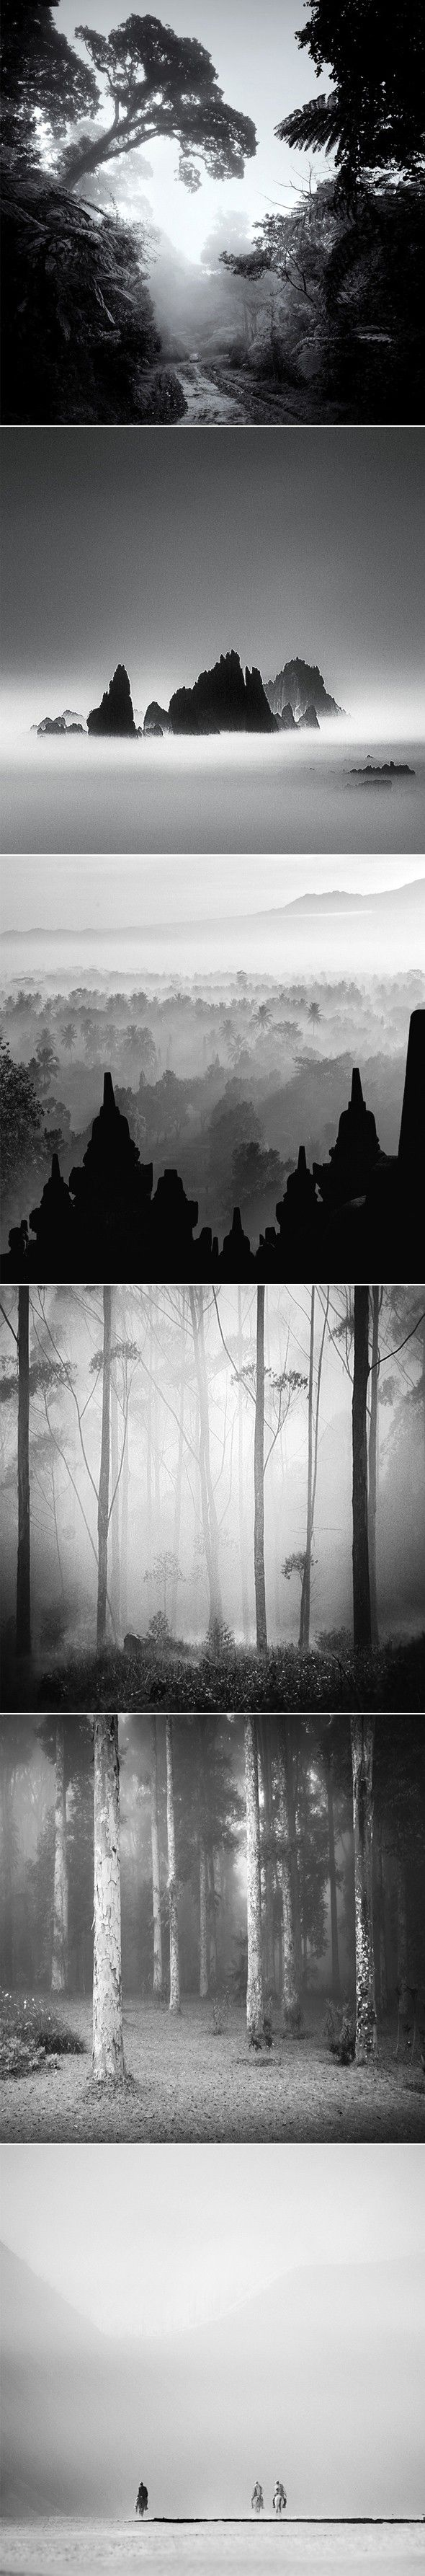 Photos noir et blanc paysage                                                                                                                                                                                 Plus